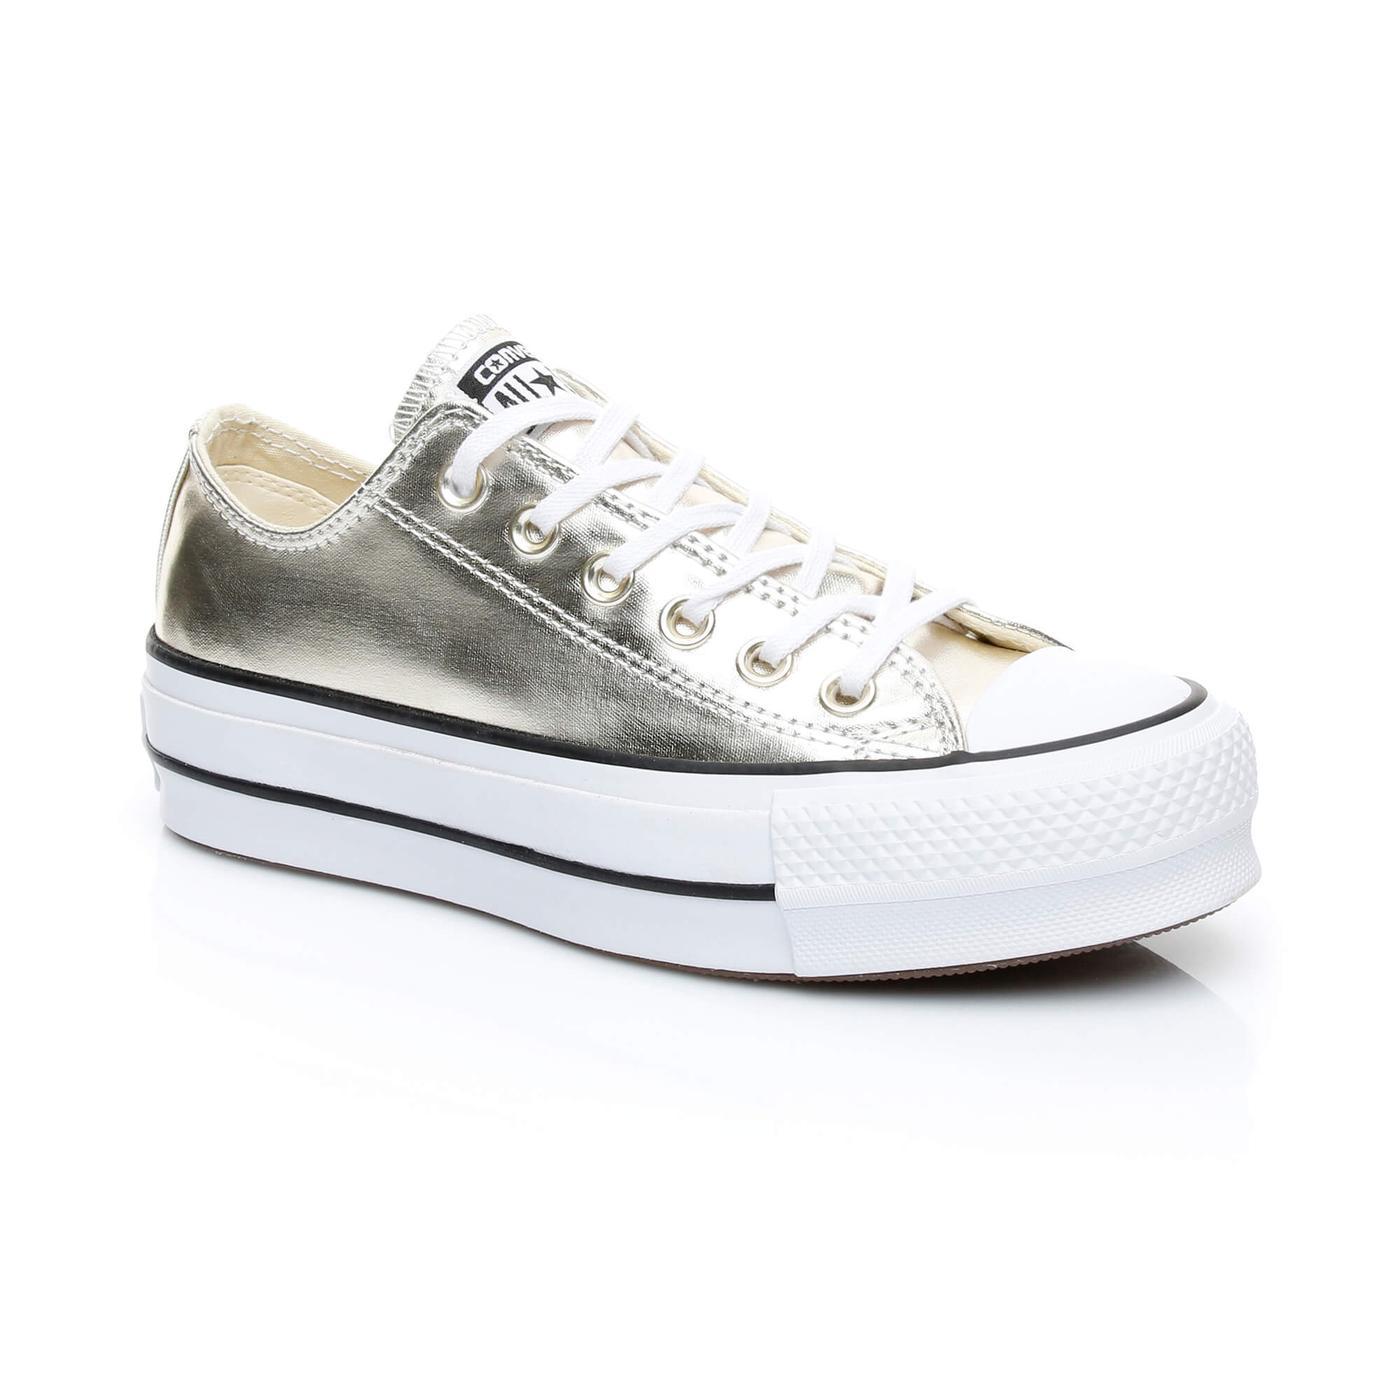 Converse Chuck Taylor All Star Lift Kadın Altin Sneaker